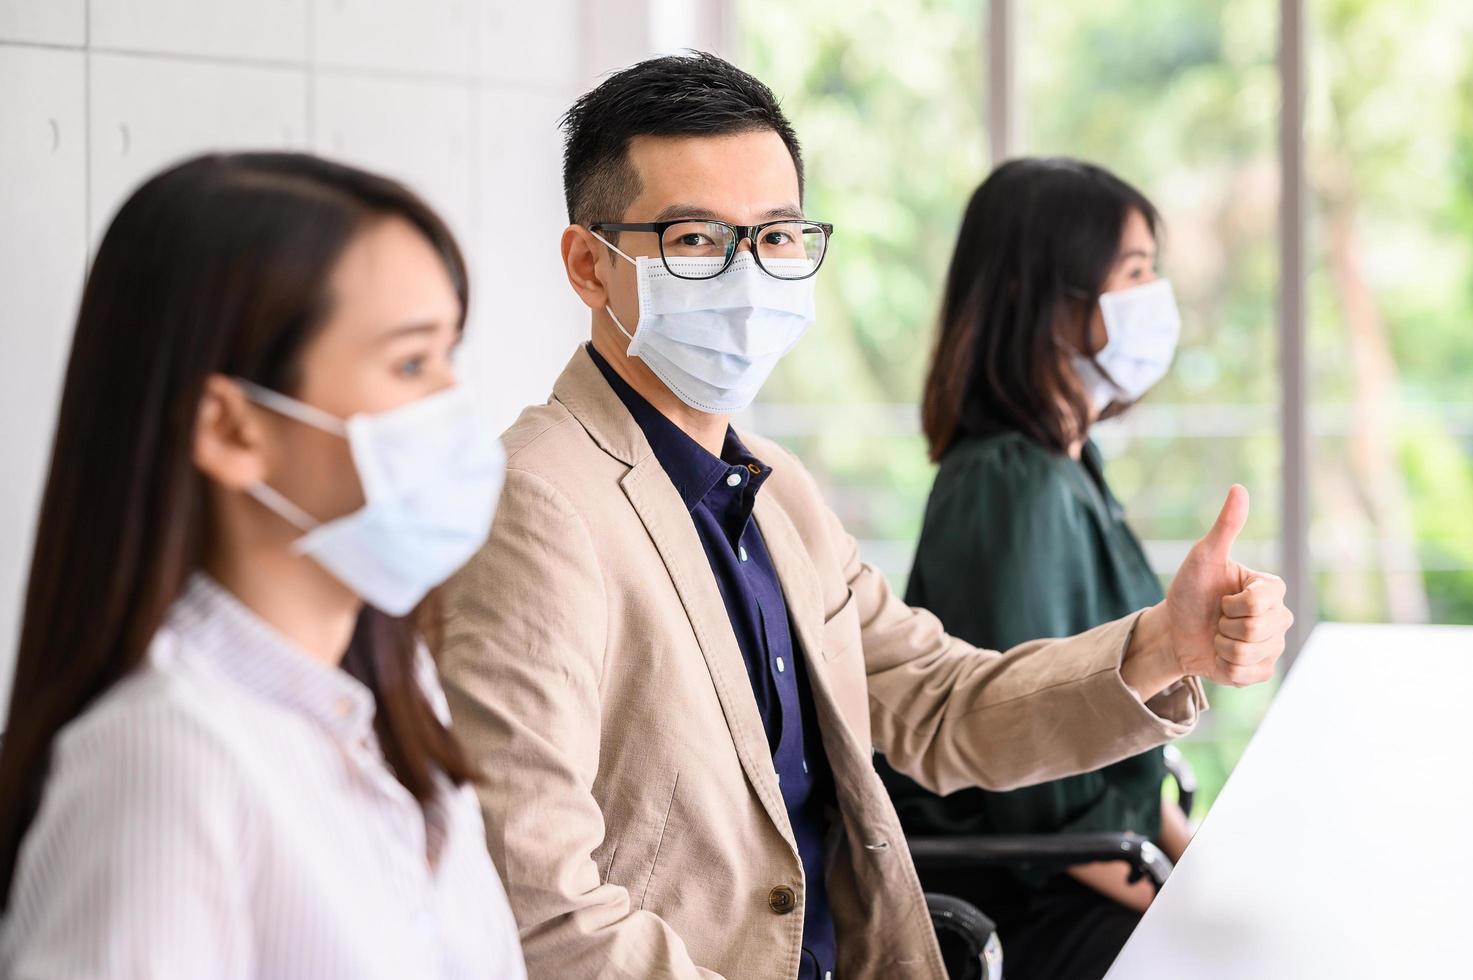 fila di persone che indossano maschere protettive per la sicurezza foto